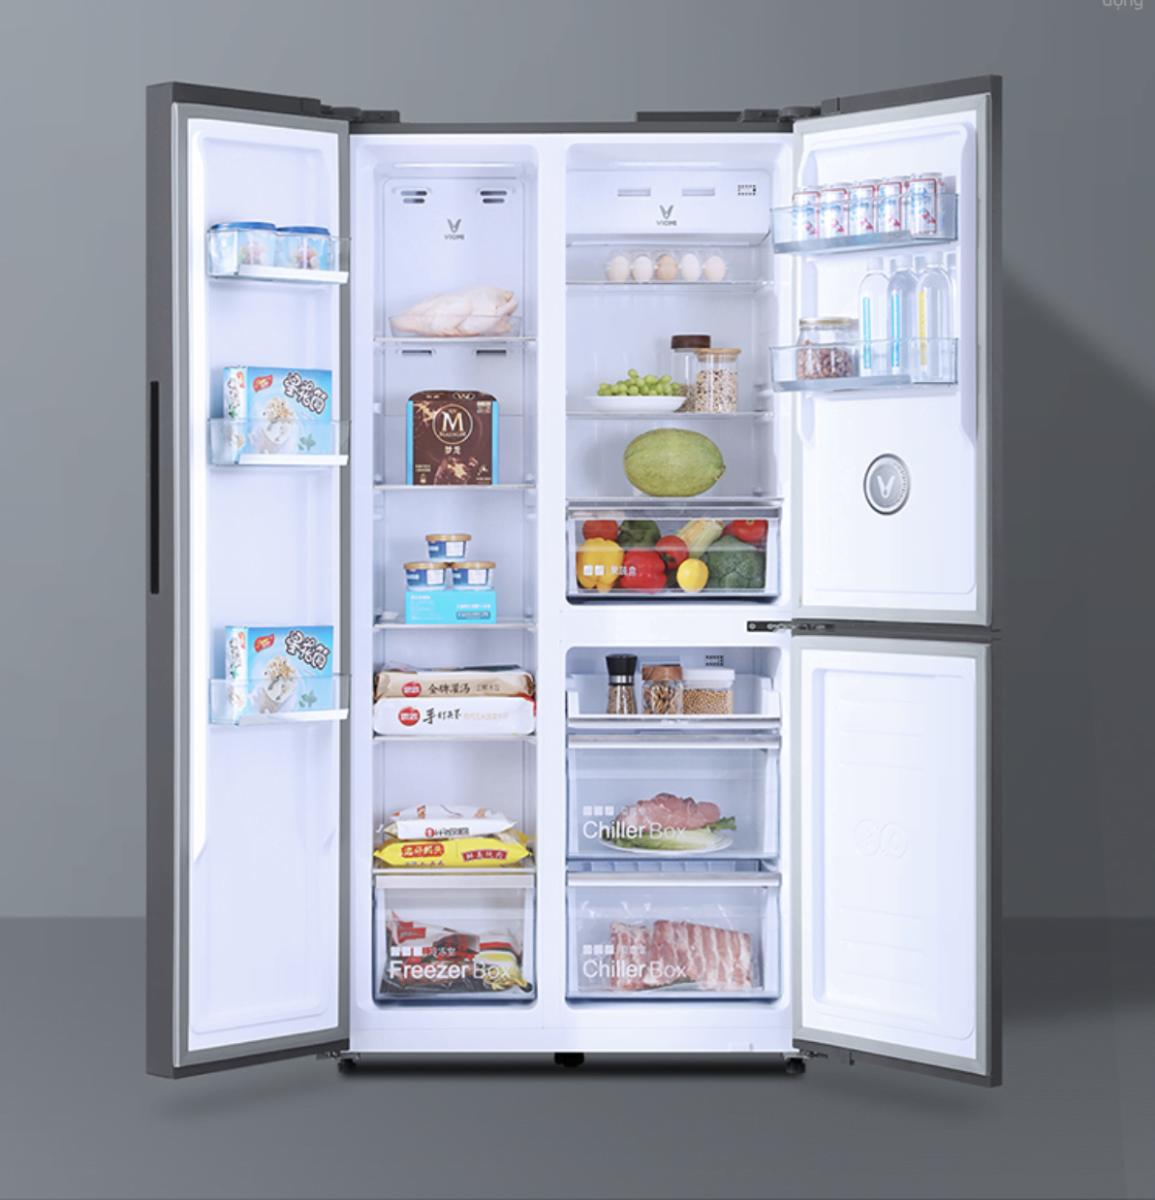 Tủ Lạnh Xiaomi Viomi với sức chứa thoải mái